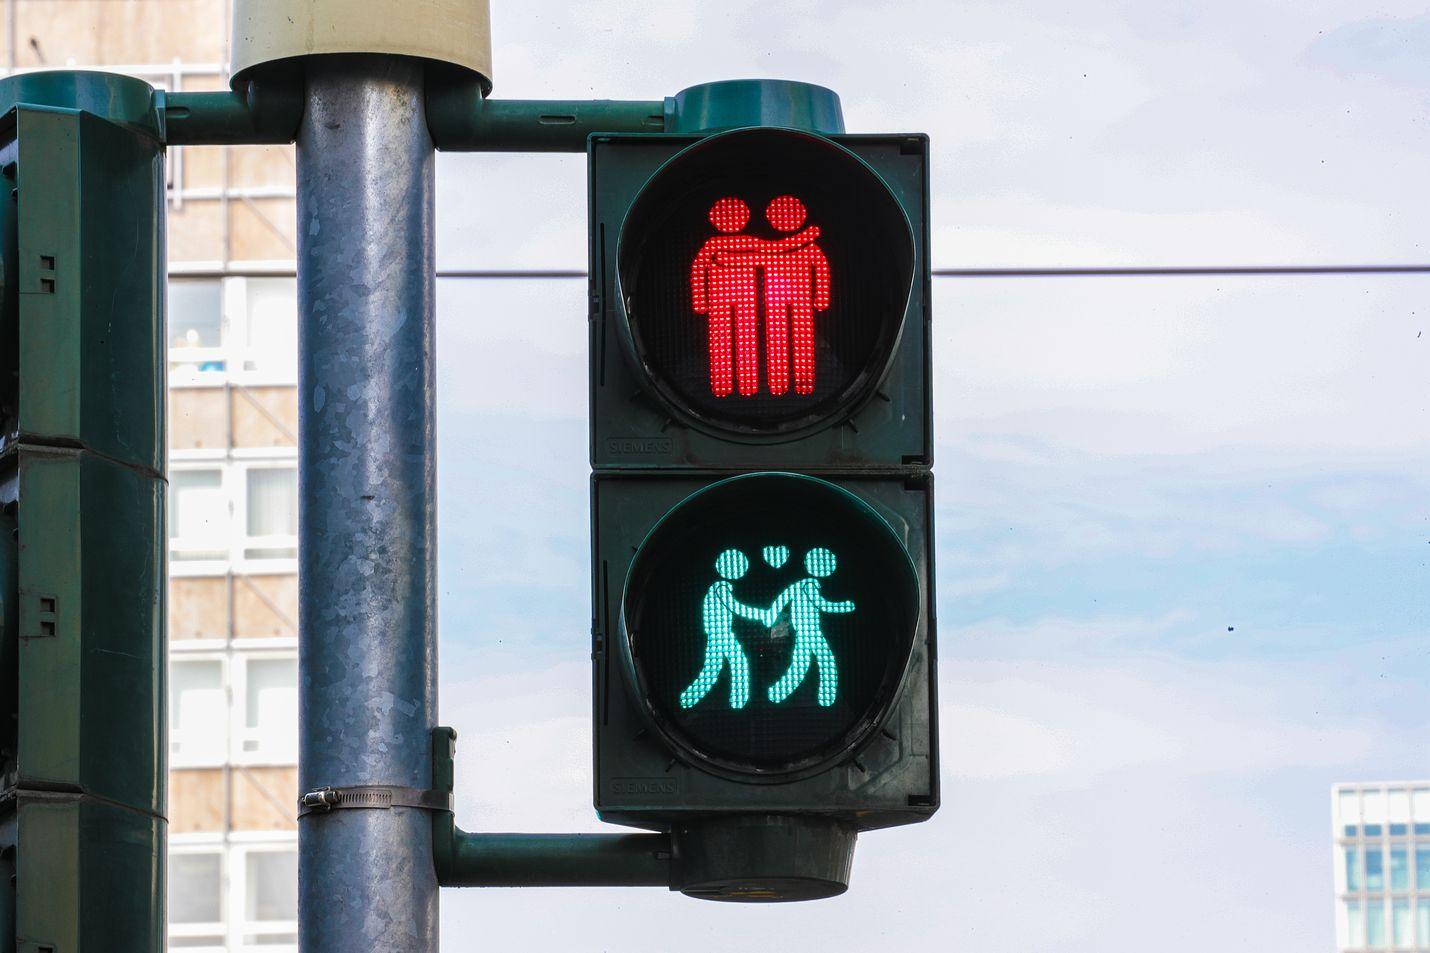 Saksassa Frankfurtissa liikennevalot muistivat myös kaupungissa järjestetty pride-kulkuetta viime vuoden kesällä.